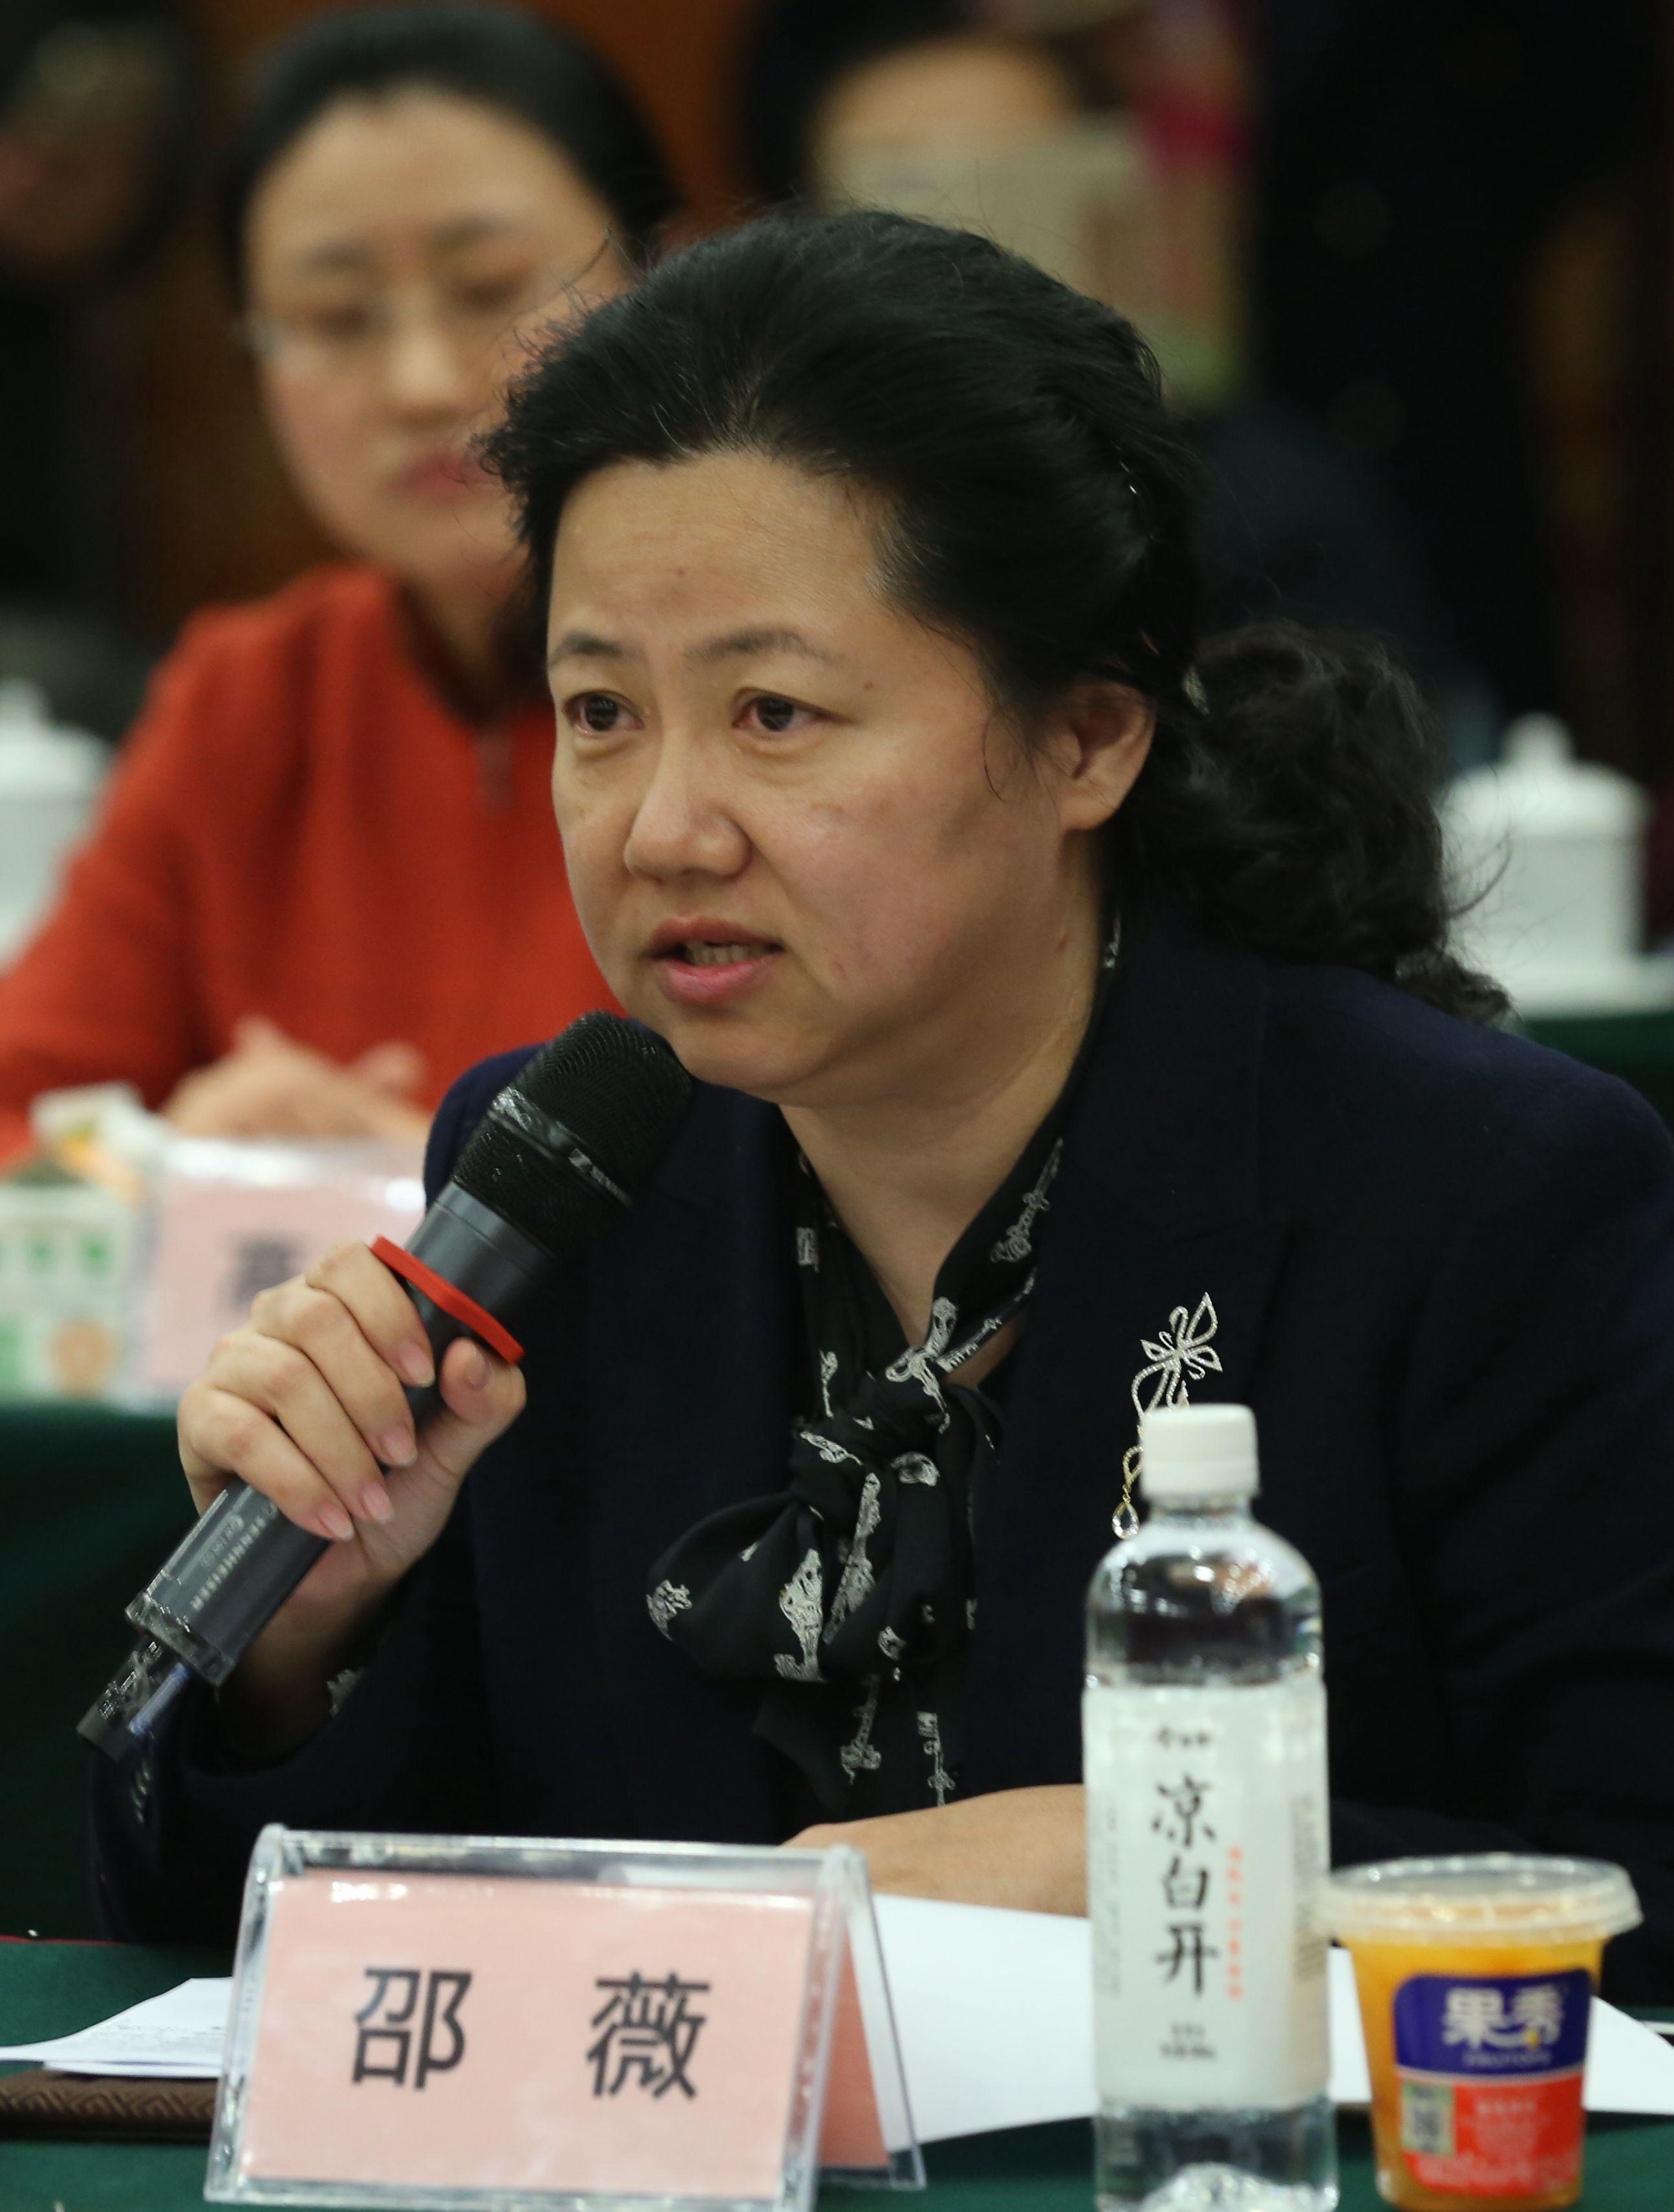 邵薇:食品安全科普要充分发挥科技界力量